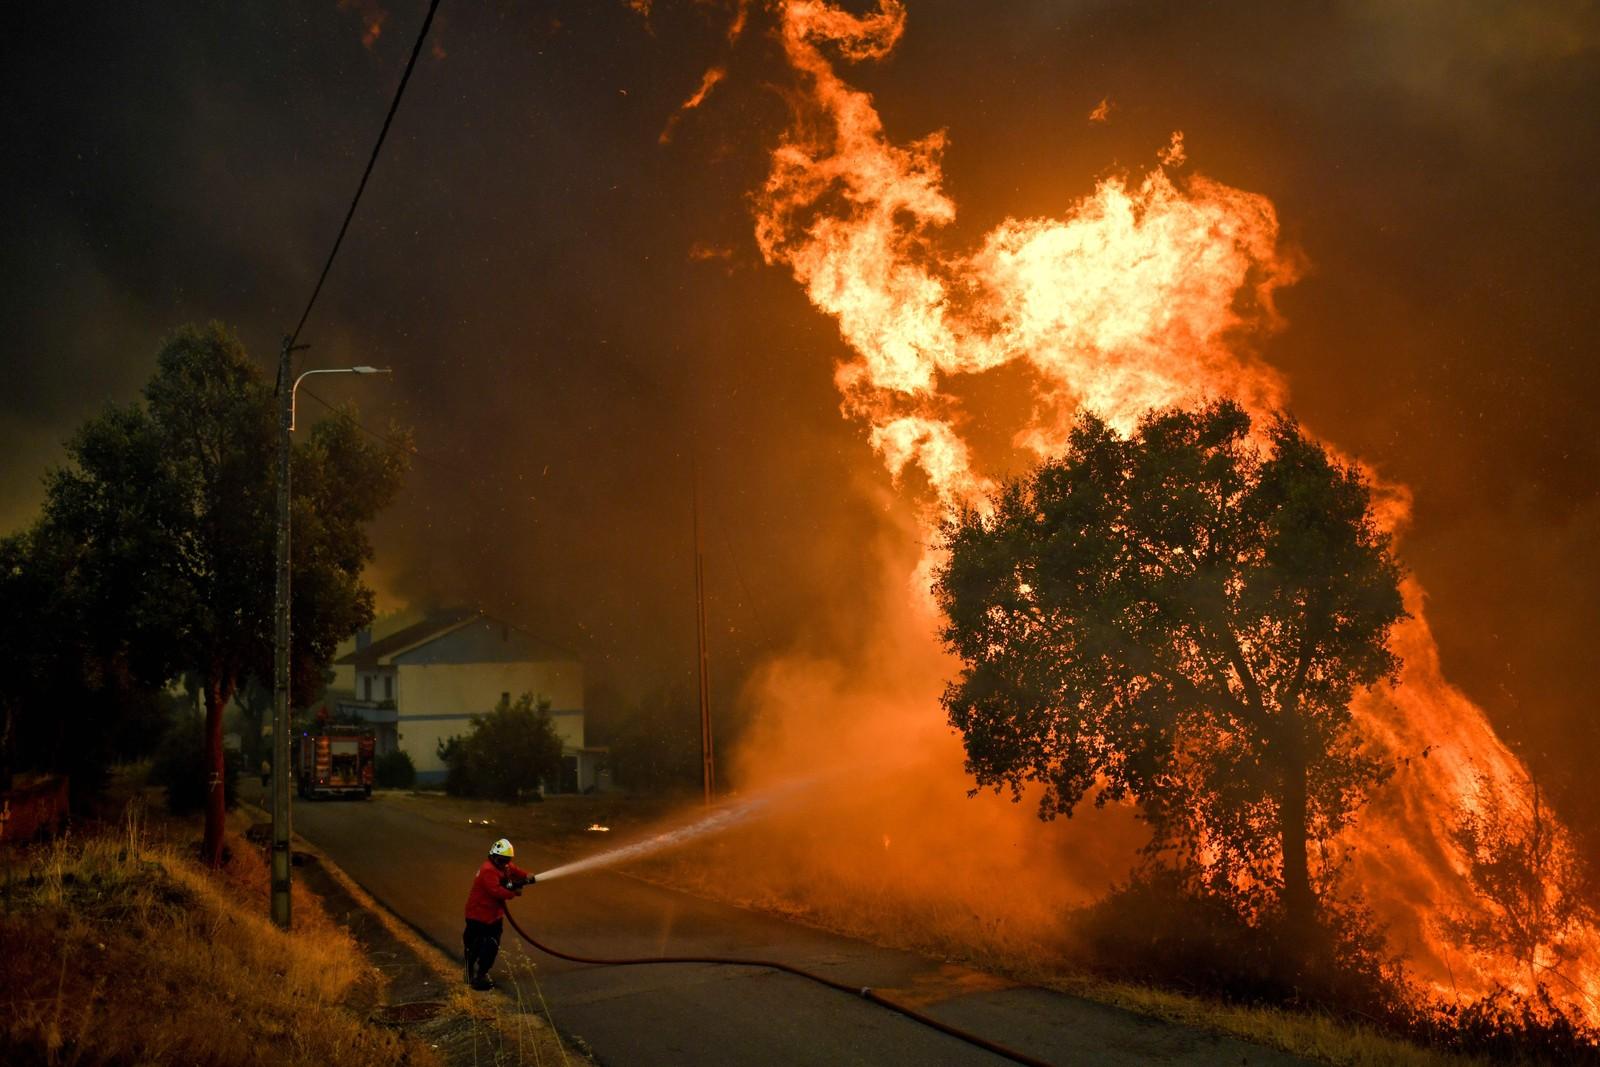 80 skogbranner herjer for tiden i Portugal og rundt 3000 brannmannskaper jobber på spreng. En av dem forsøkte her torsdag å temme flammene ved landsbyen Pucarica i Abrantes, nordøst for Lisboa.